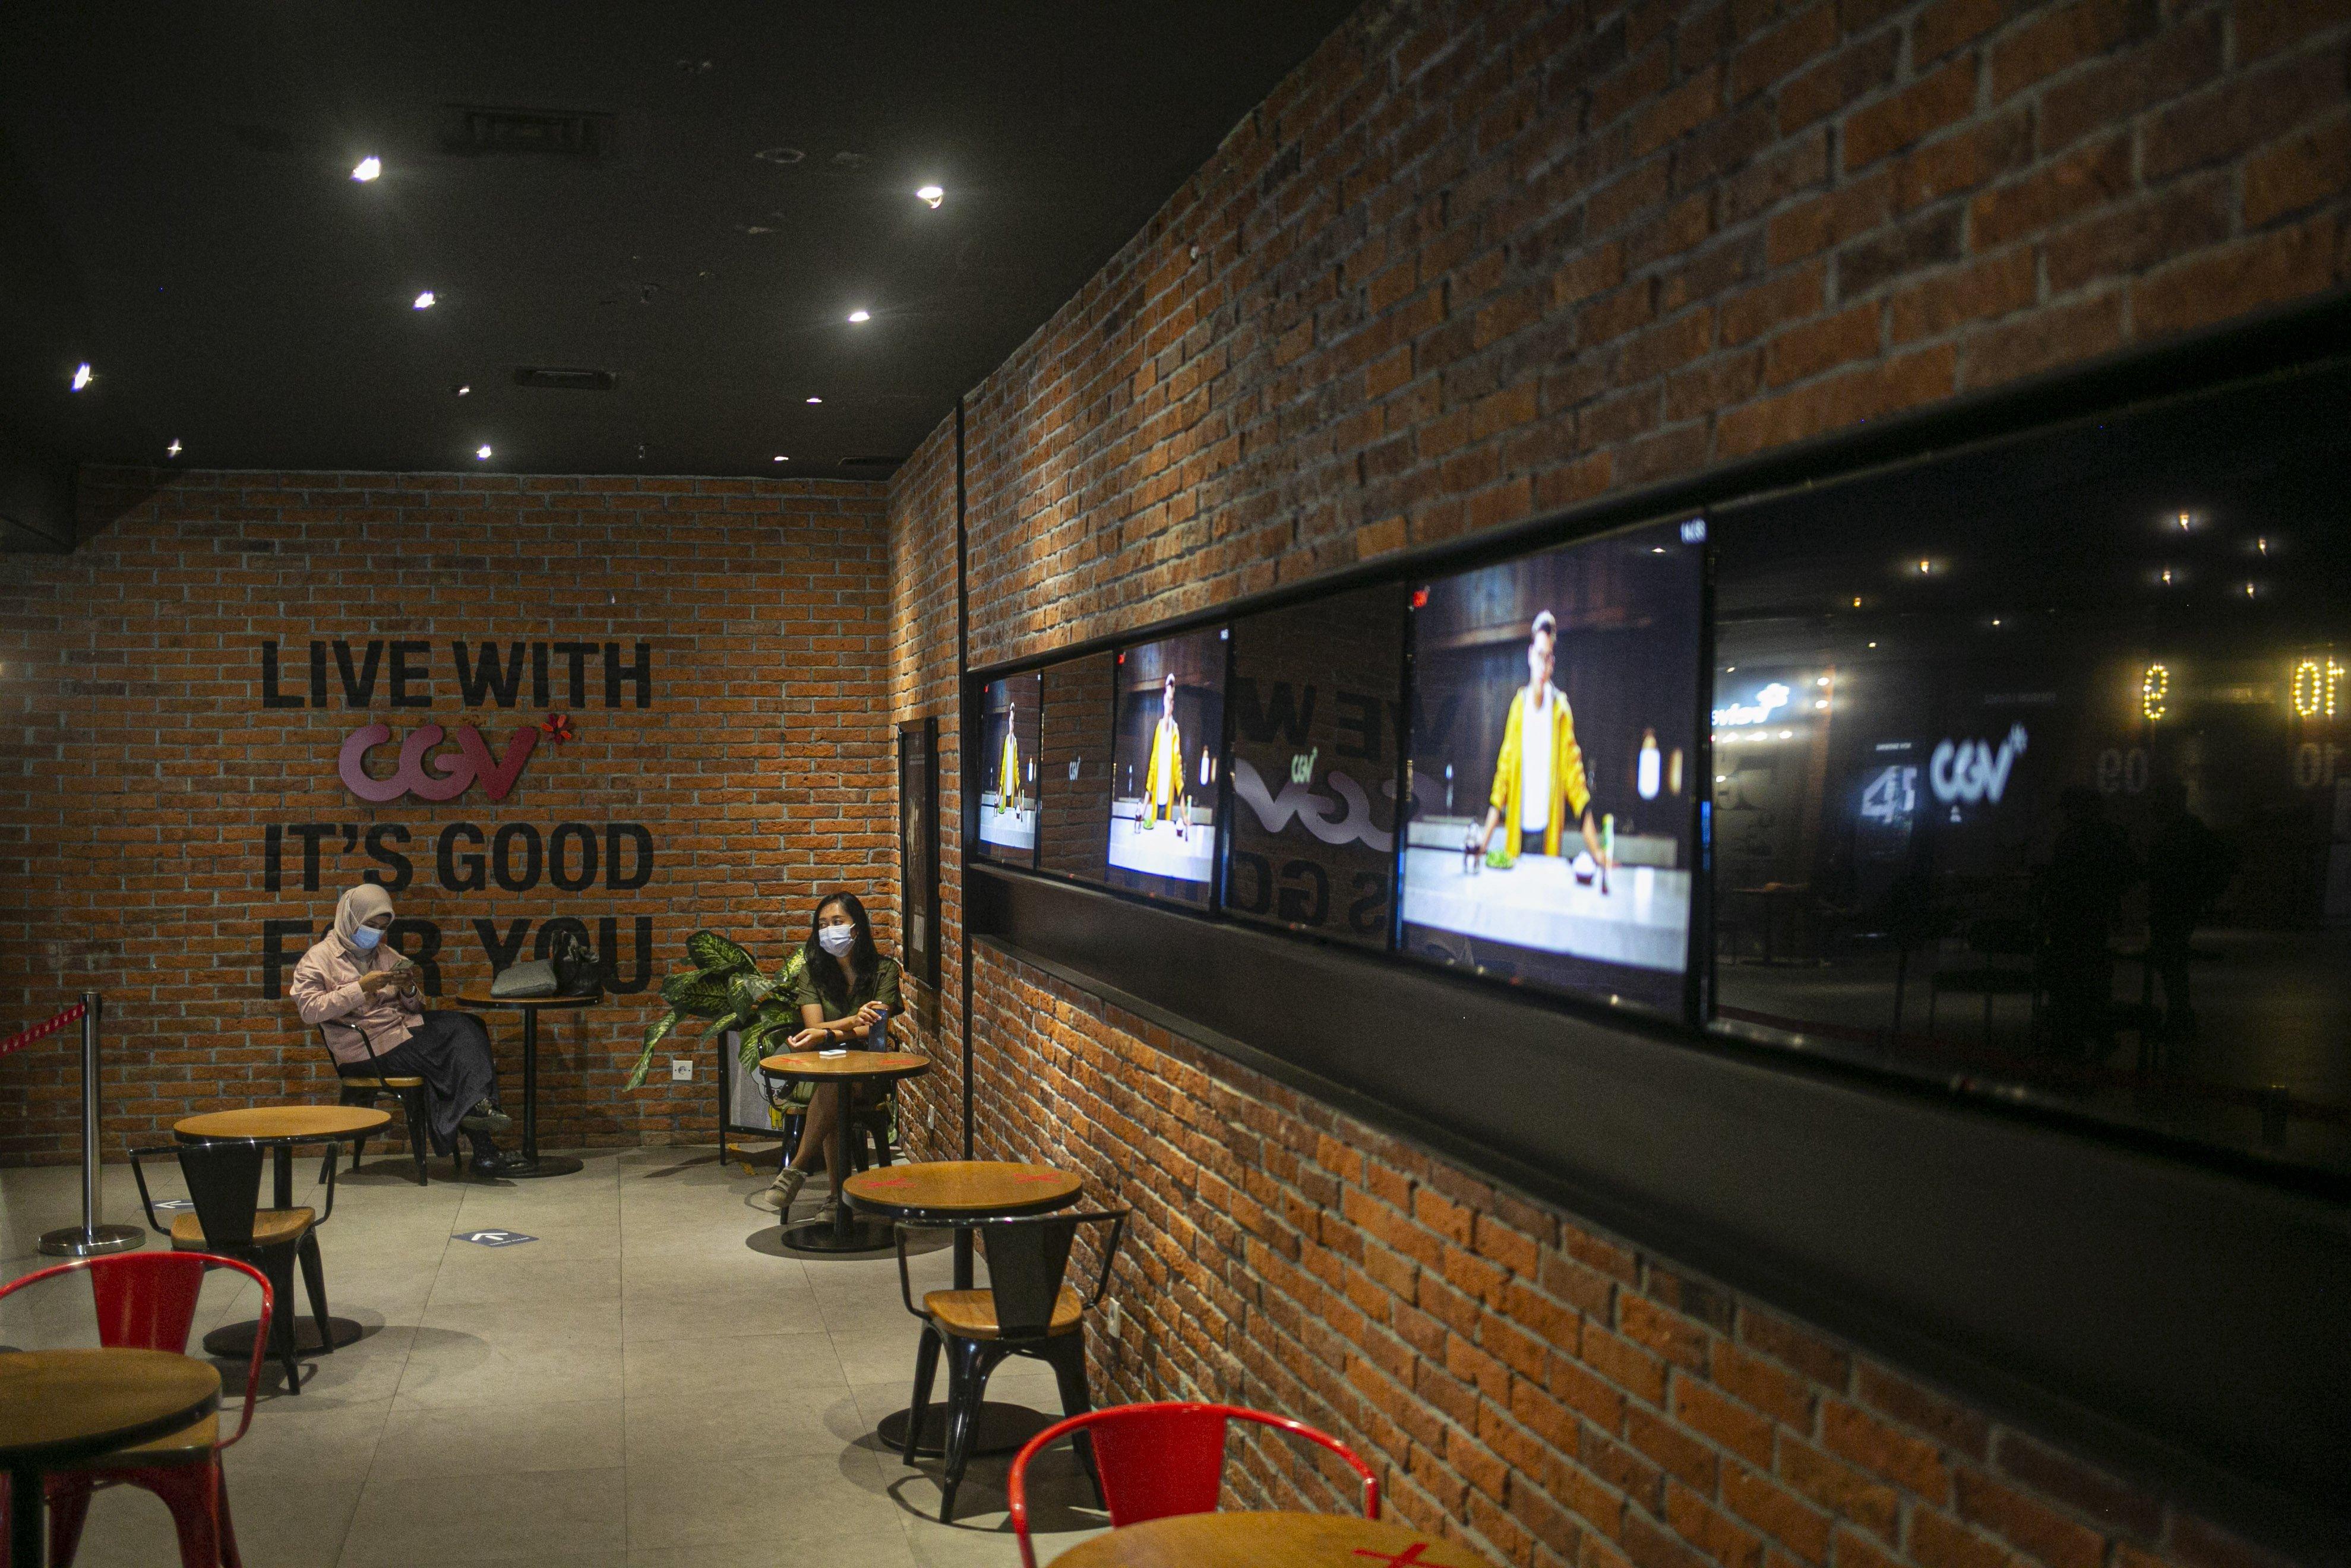 Pengunjung menanti waktu pemutaran film di bioskop CGV Grand Indonesia Jakarta Pusat, Rabu, (21/10/2020). Sejumlah bioskop di Ibu Kota kembali beroperasi per hari Rabu (21/10/2020) setelah mendapatkan izin dari Pemprov DKI Jakarta dengan jumlah penonton dibatasi maksimal 25 persen dari total kapasitas. Pihak bioskop menerapkan protokol kesehatan yang ketat dan tidak memperkenankan pengunjung untuk makan di dalam ruang bioskop.